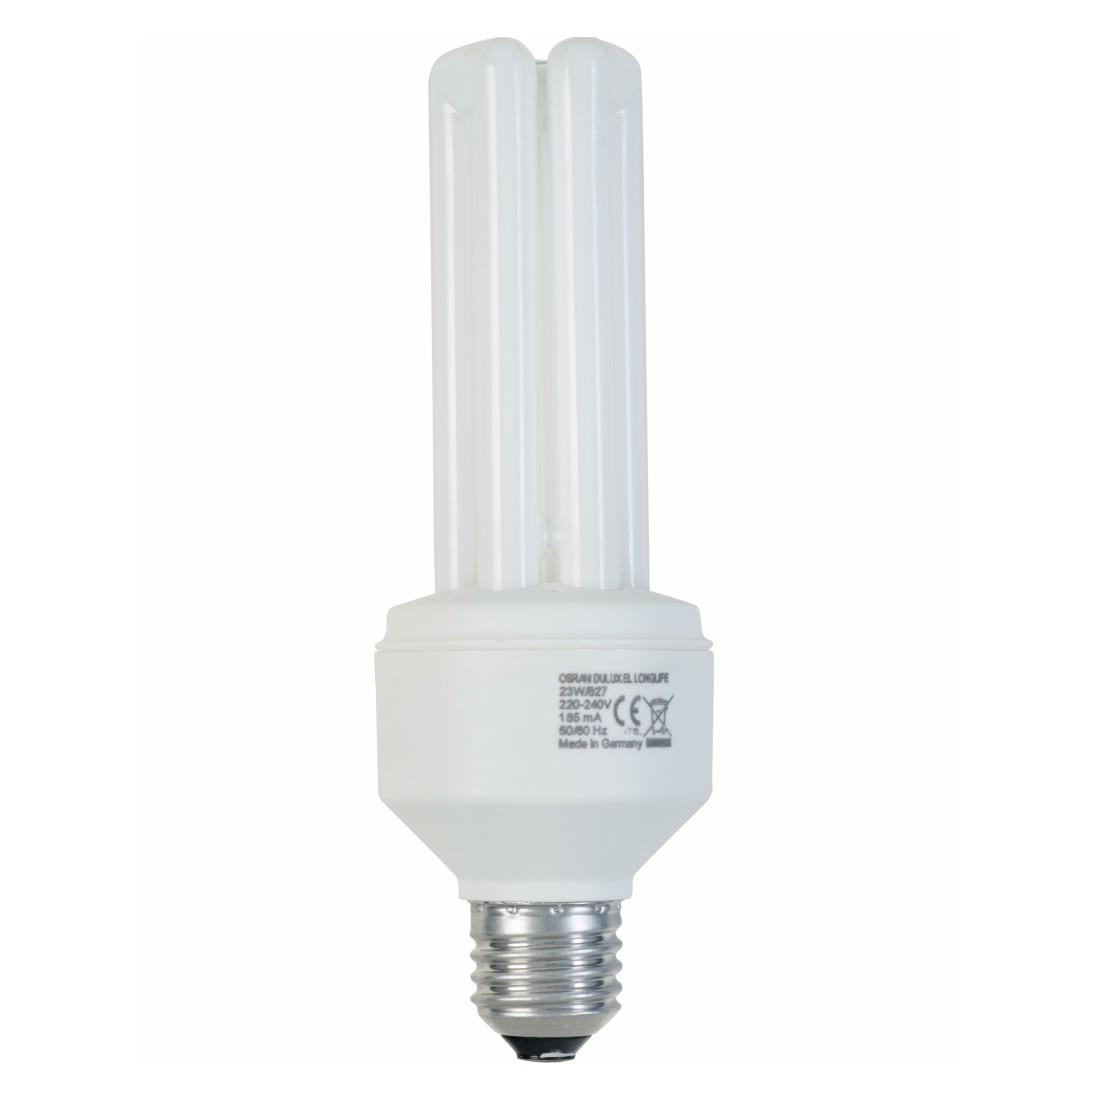 Energiesparlampe E27 23 W Spirale ● Glas Weiß- Mega Licht